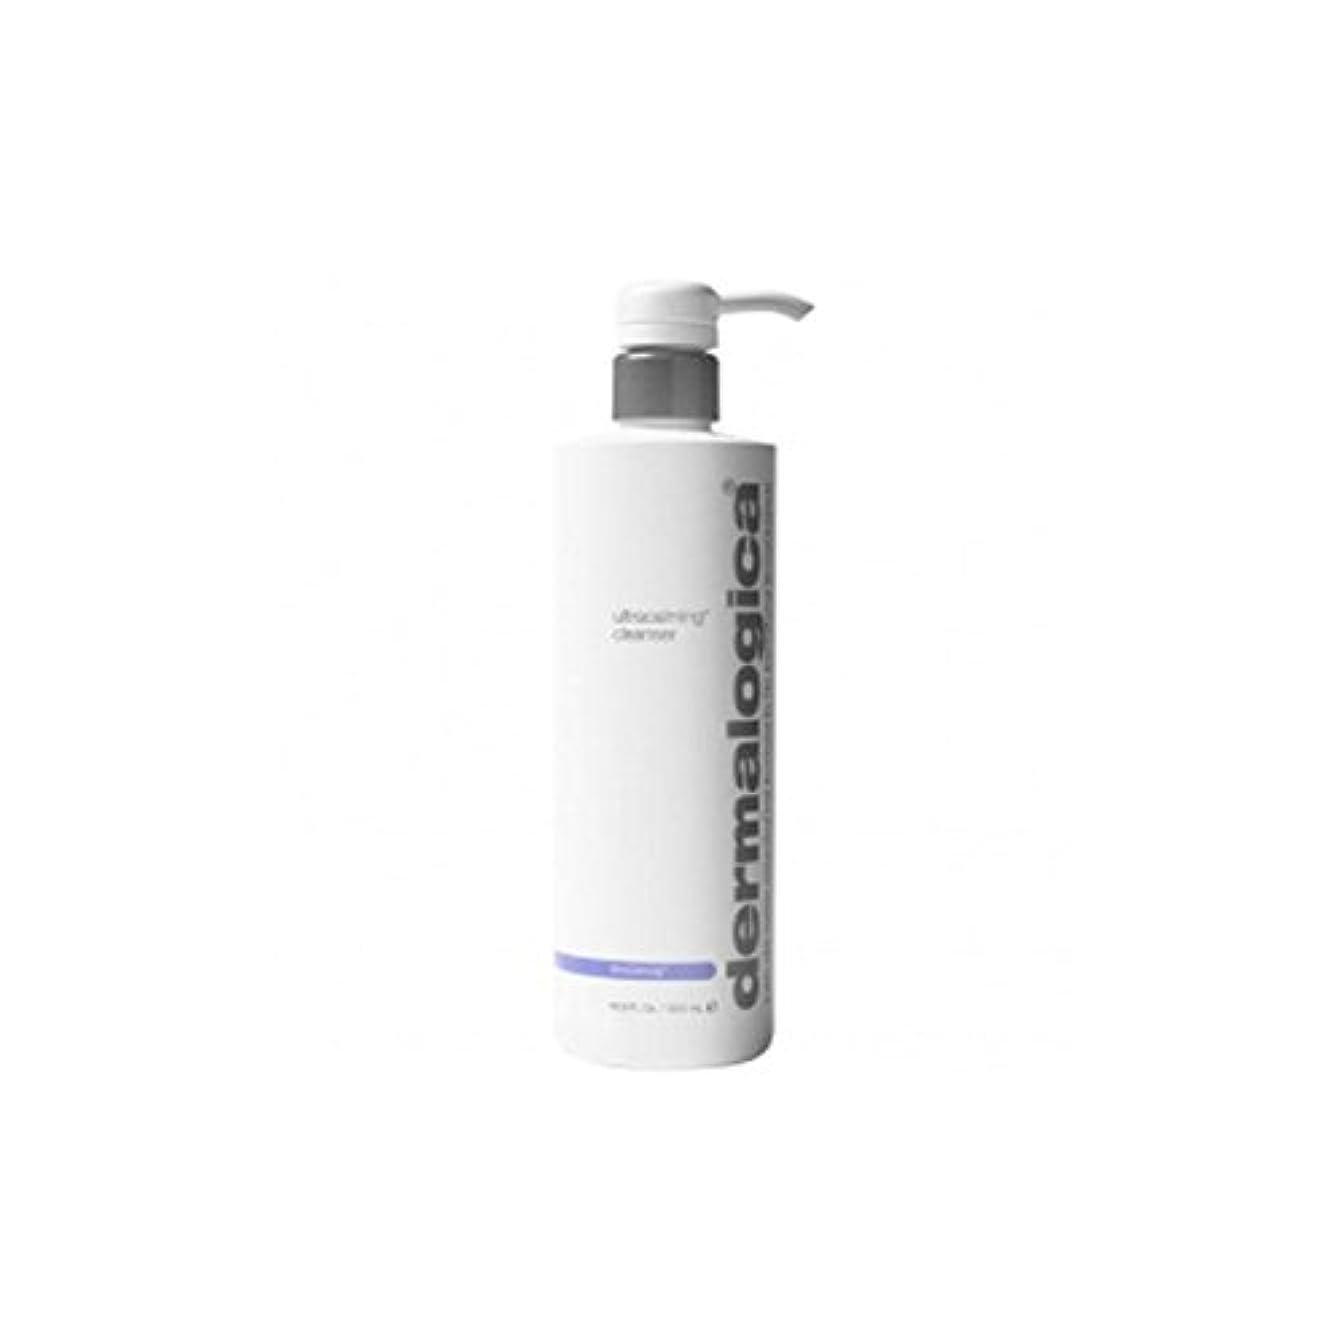 バインドあなたが良くなります未亡人Dermalogica Ultracalming Cleanser (500ml) - ダーマロジカクレンザー(500ミリリットル) [並行輸入品]